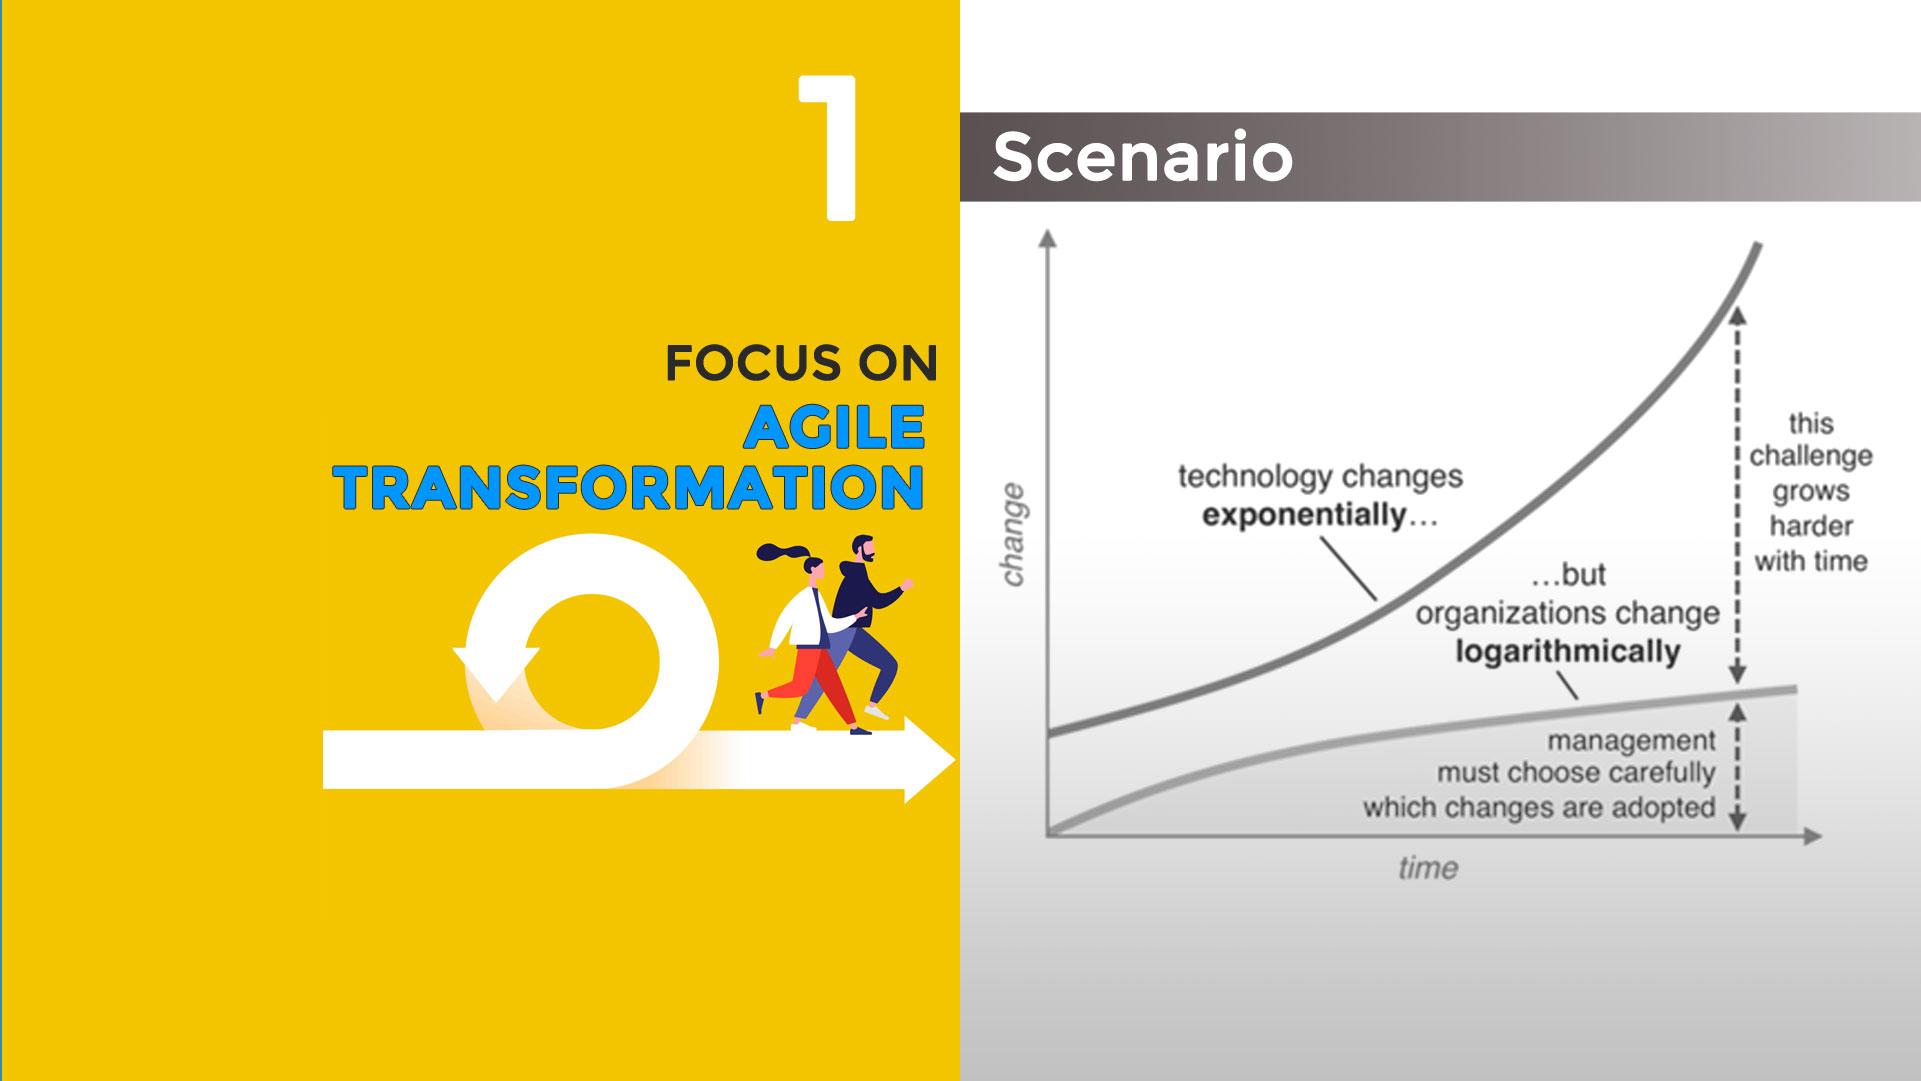 ffb92867ce37 Agile transformation: ecco come cambia il modo di lavorare